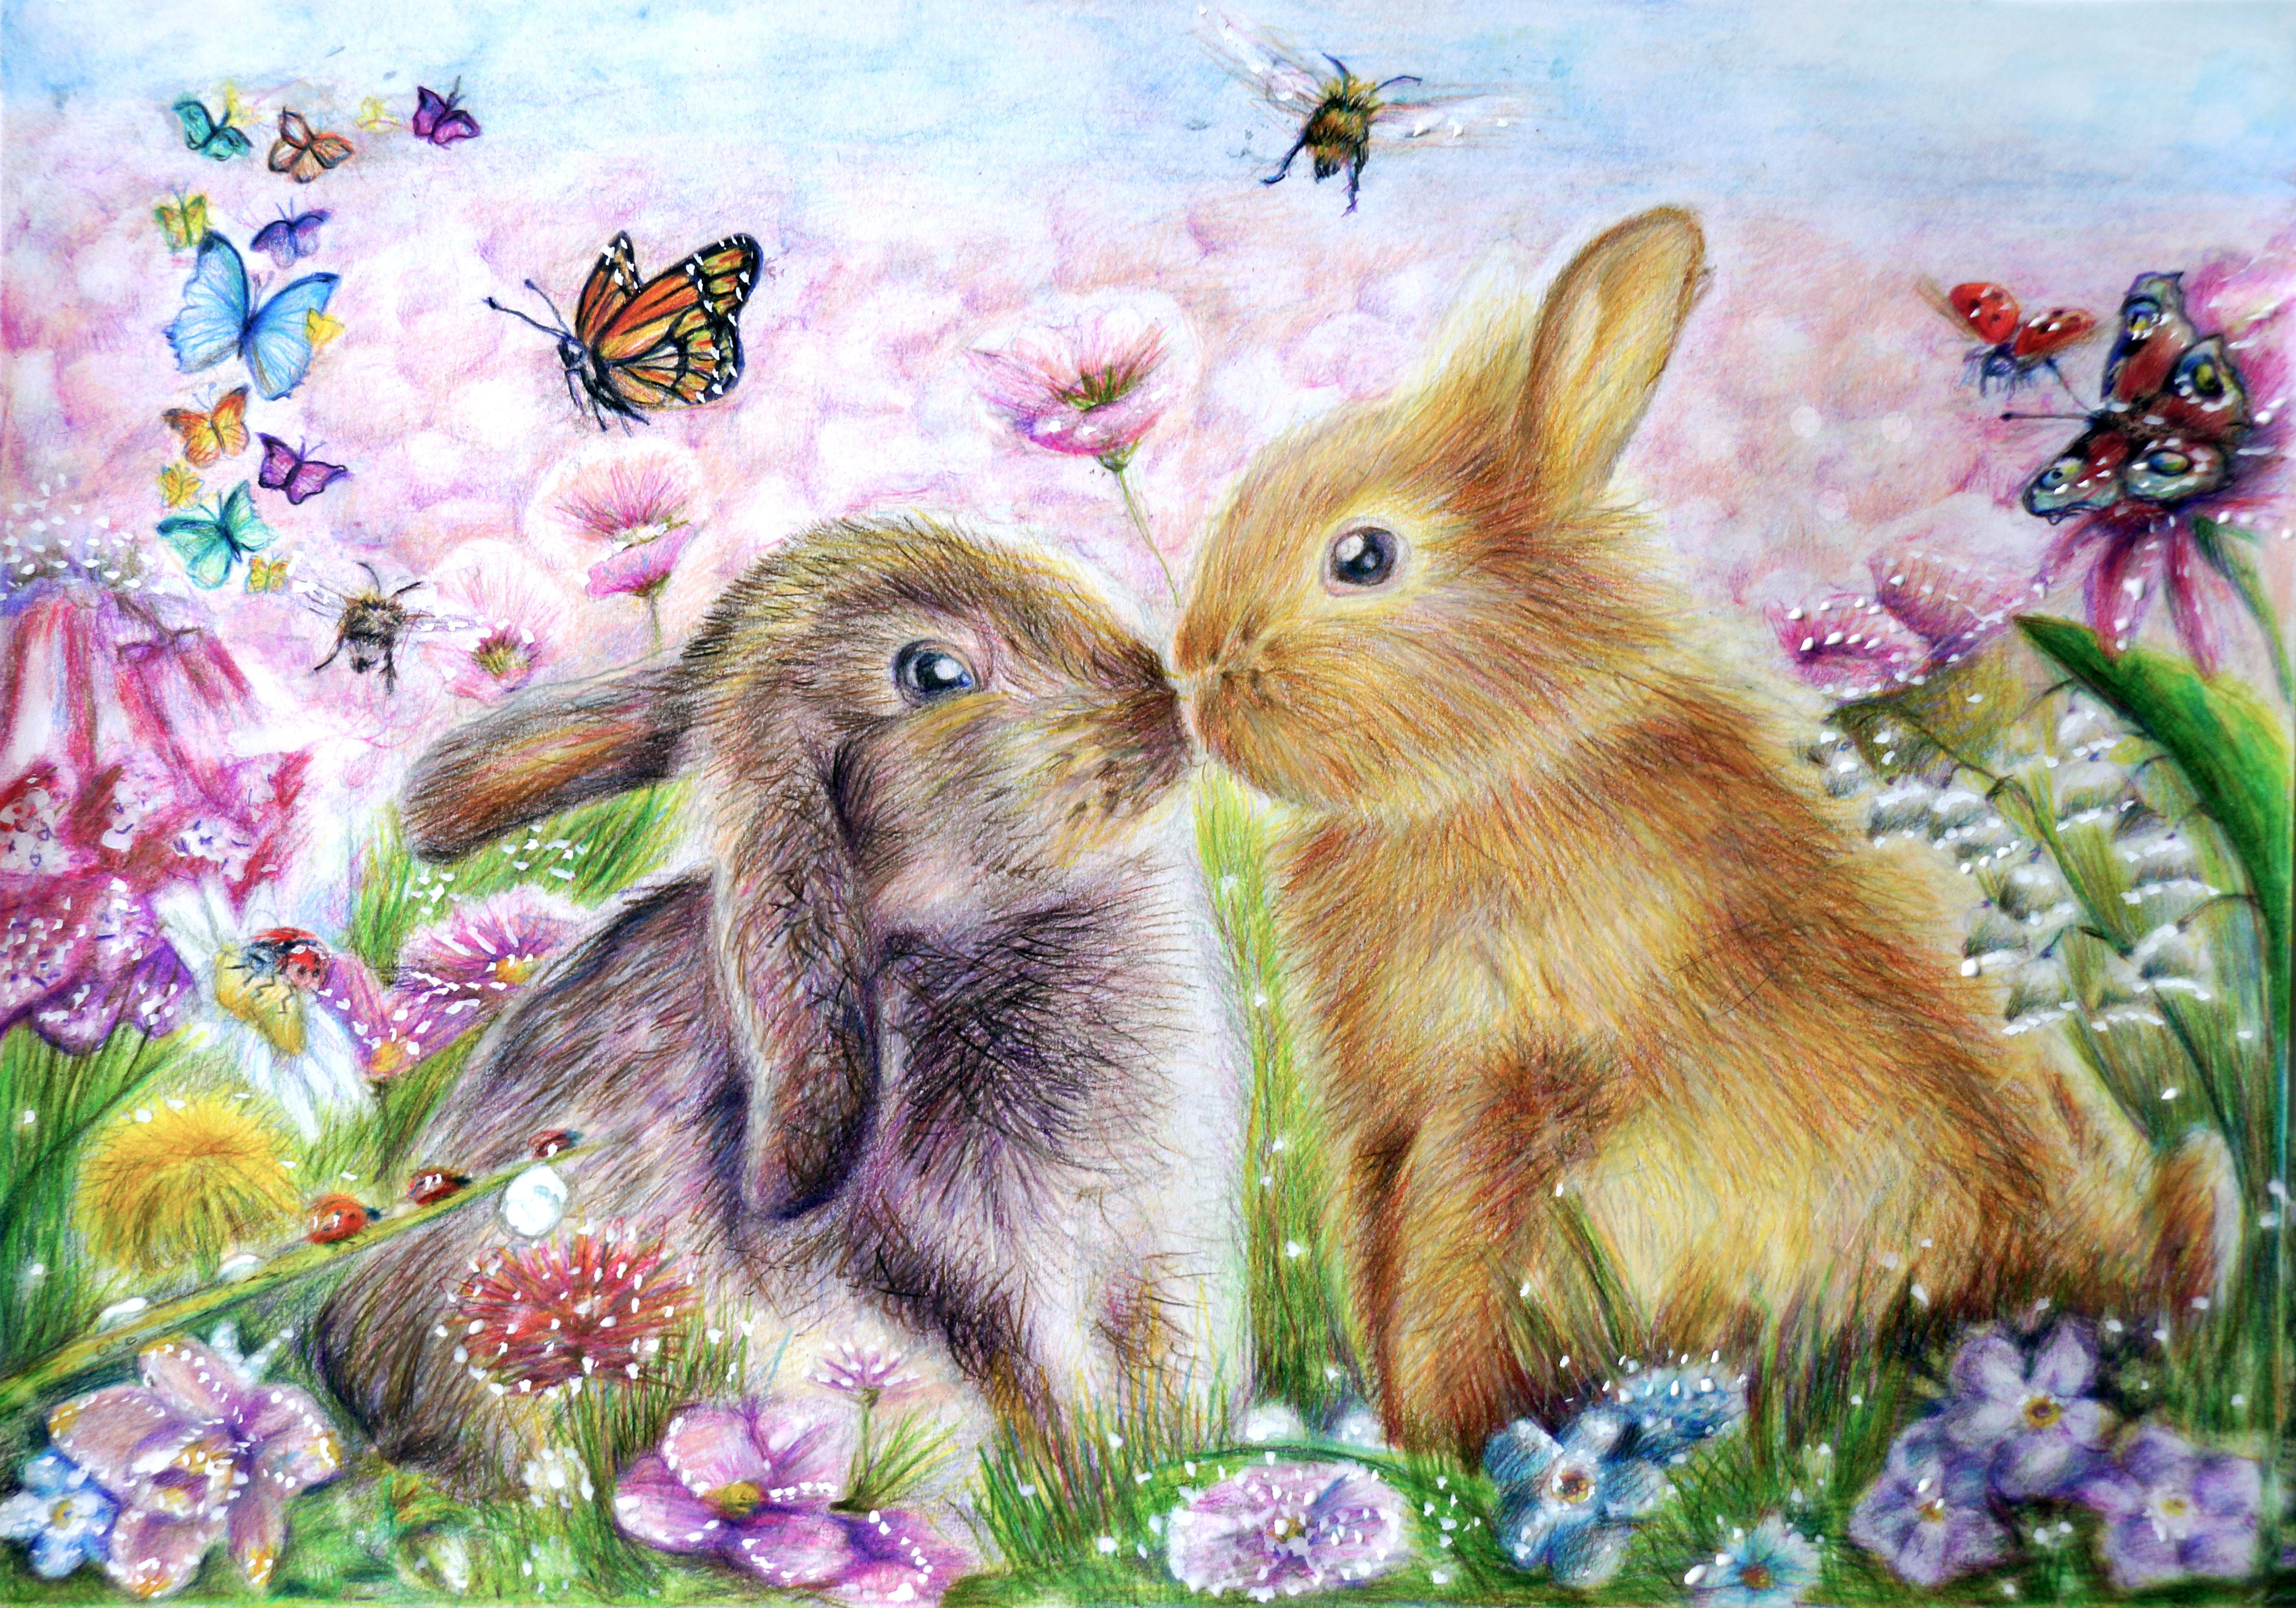 Картинки Зайцы Бабочки 2 животное Рисованные бабочка два две Двое вдвоем Животные